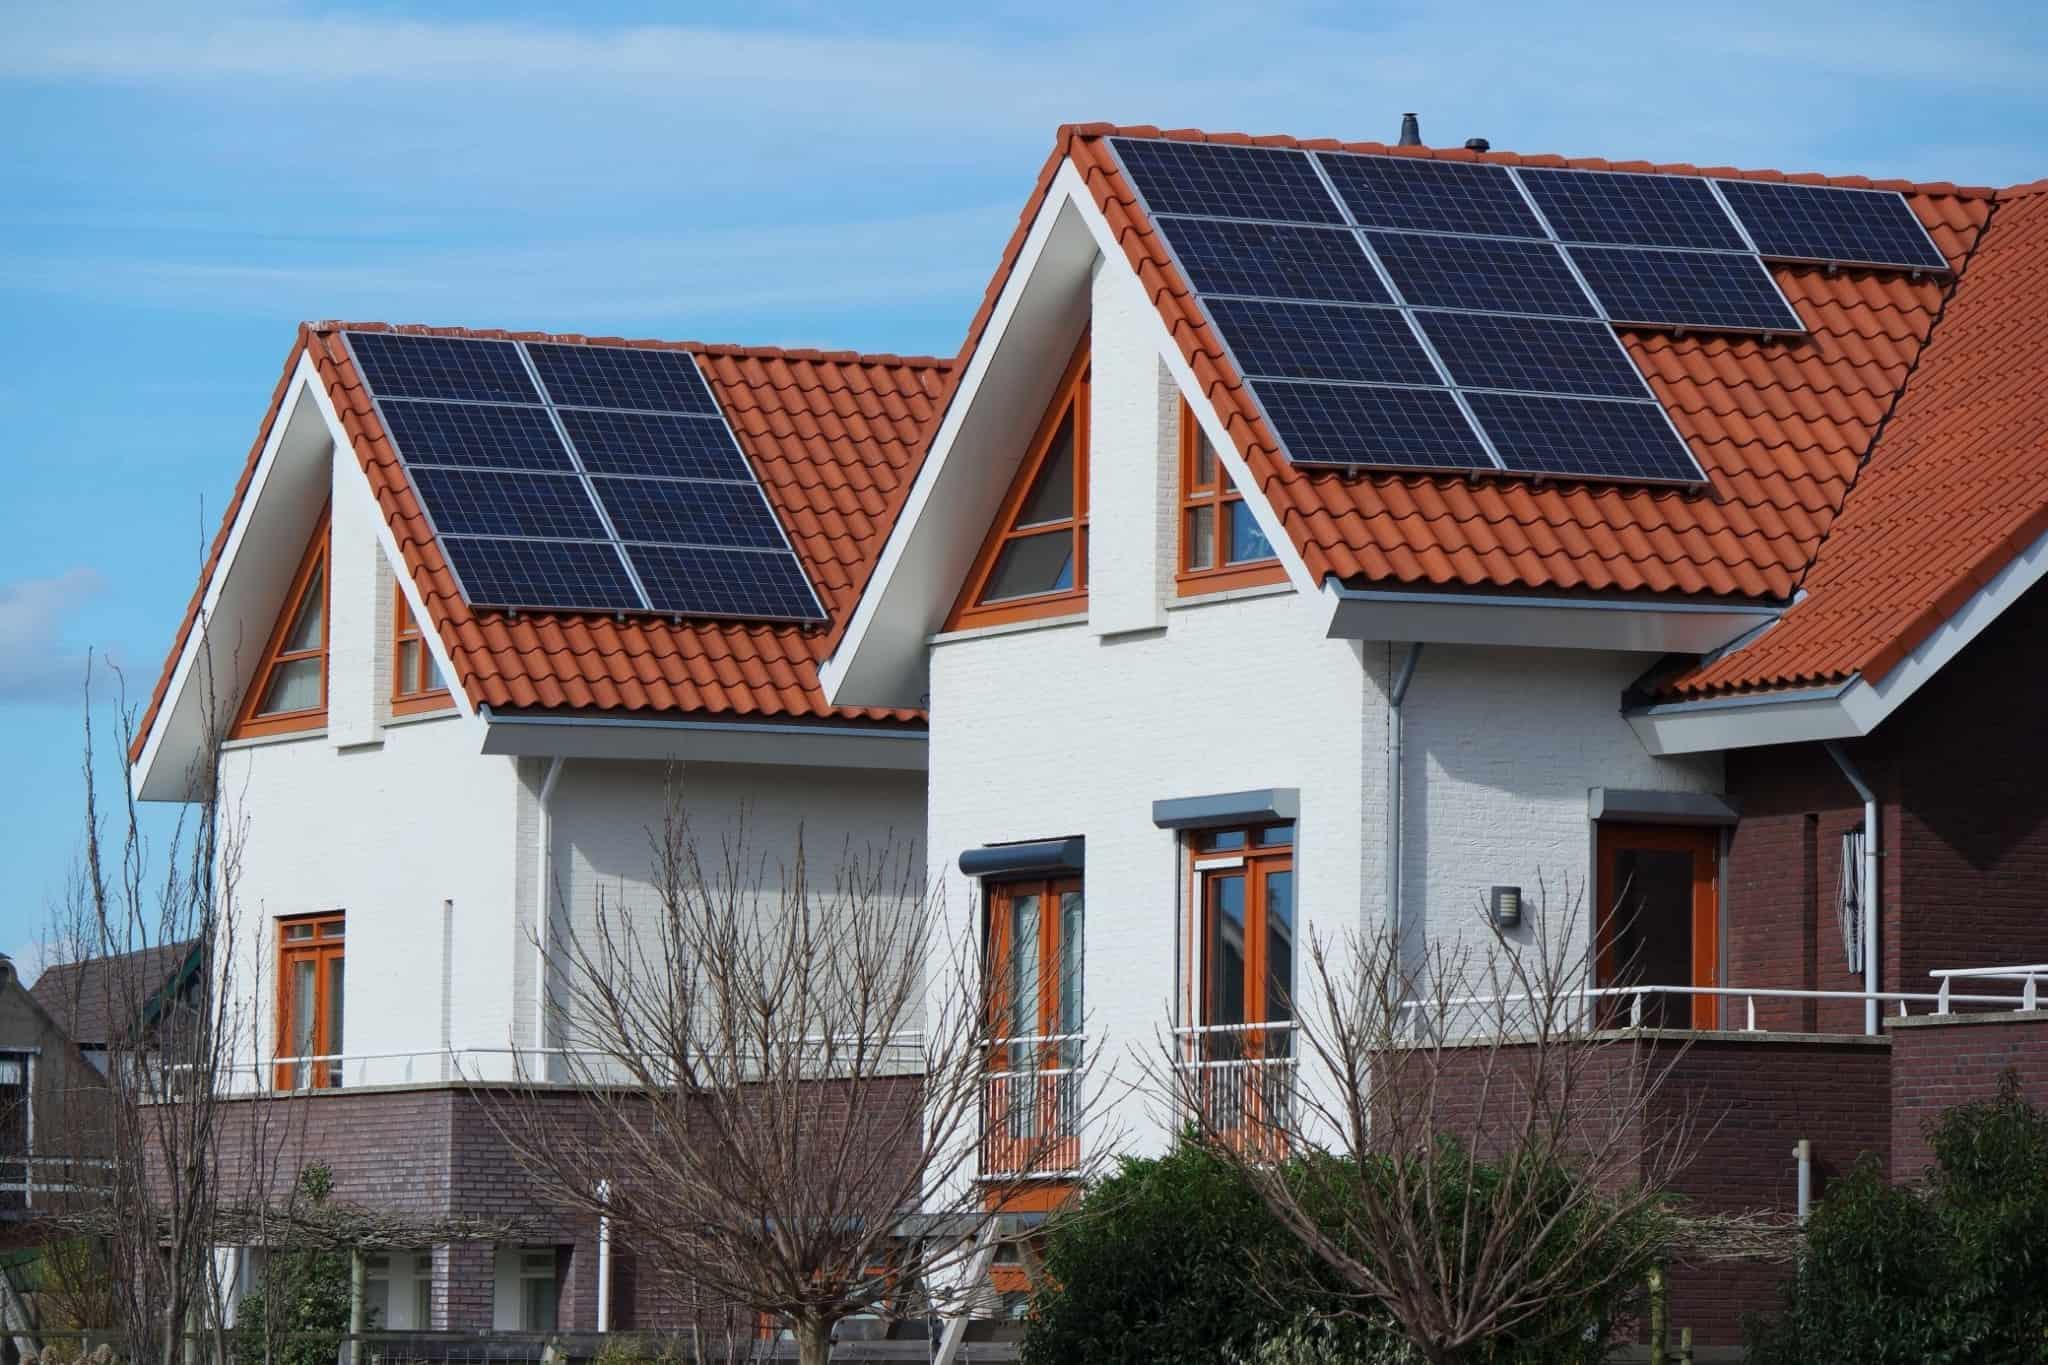 duas casas com telhados triangulares e com painéis solares